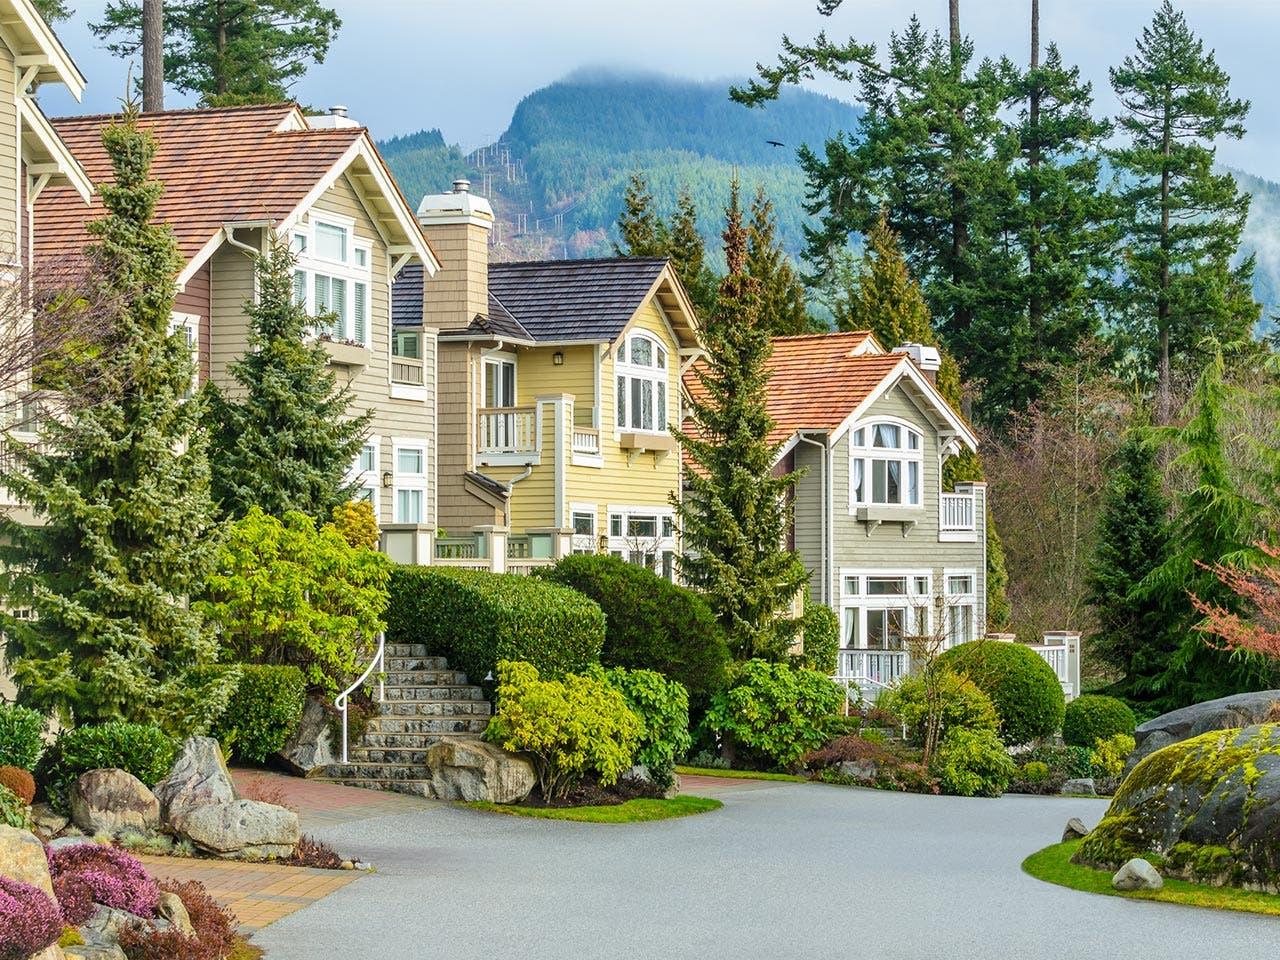 A house | karamysh/Shutterstock.com